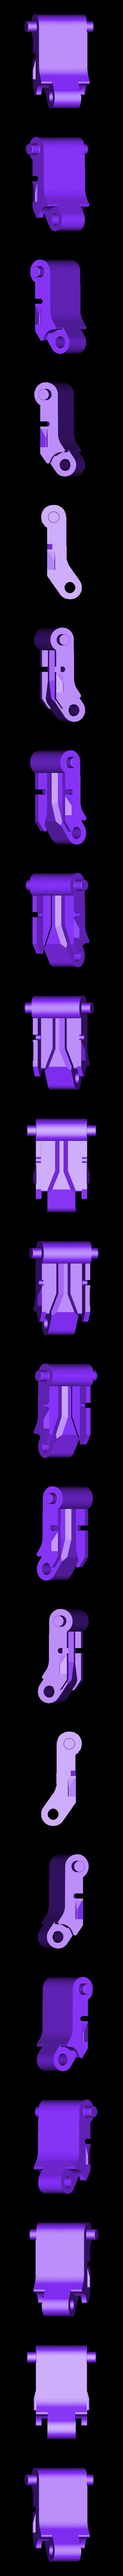 sideProbe V2.stl Download STL file Humminbird 525 echo sounder • Template to 3D print, francknos